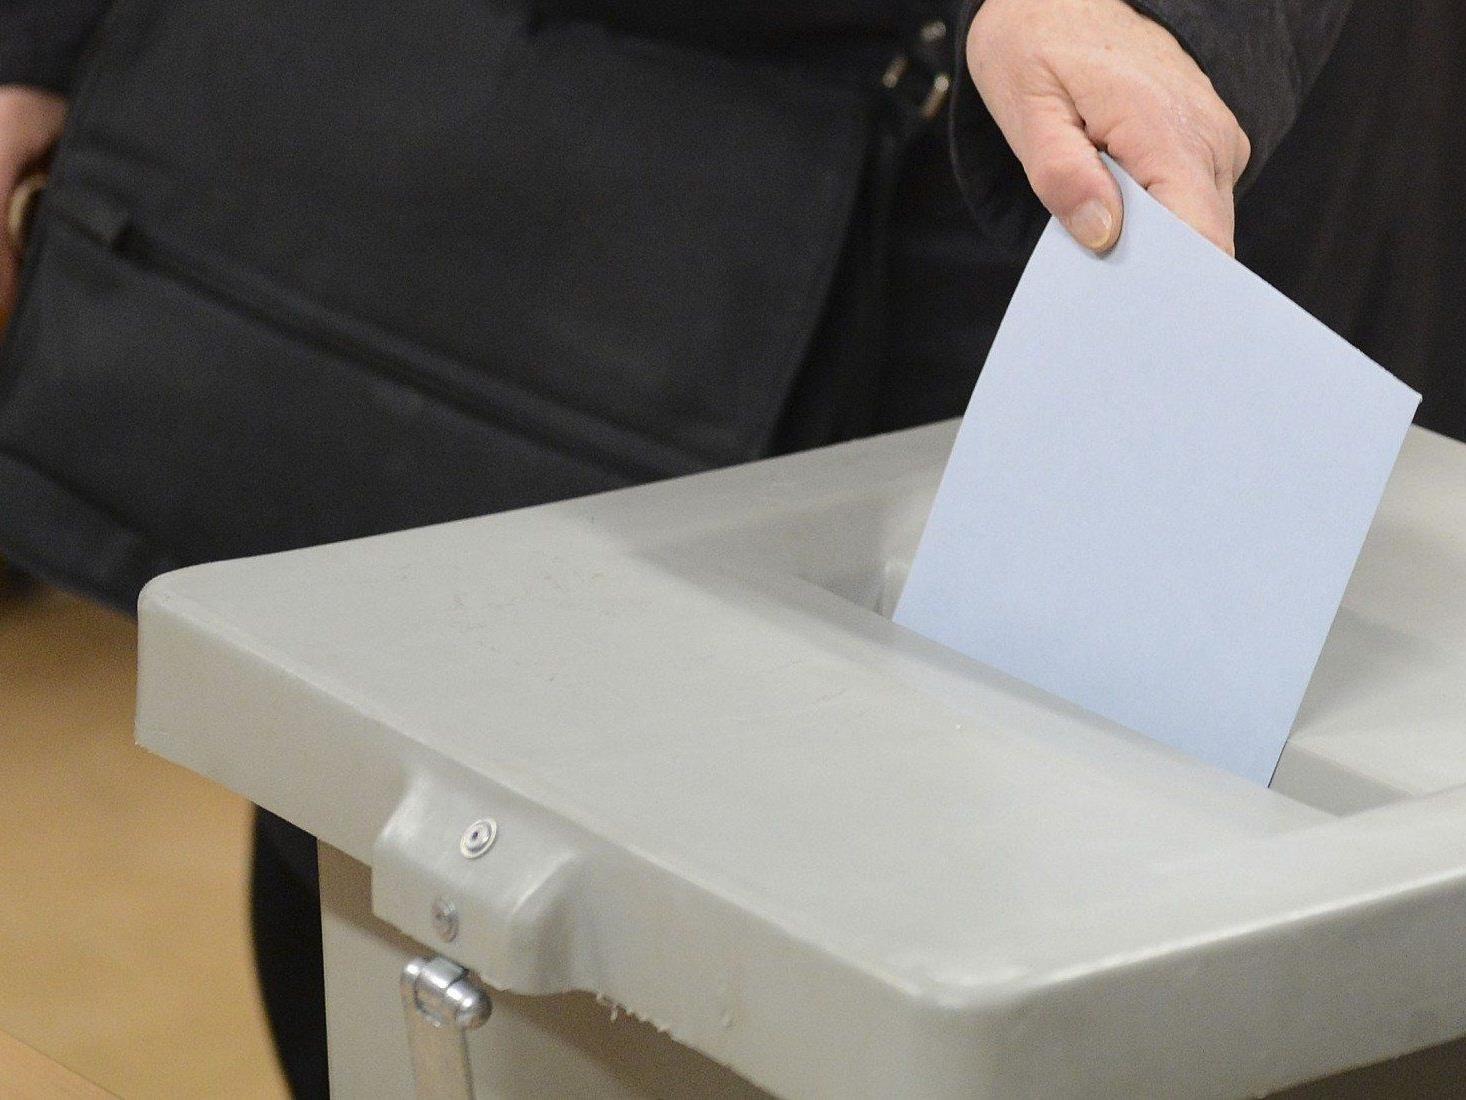 Ab sofort können die Wahlkarten für die Landtagswahlen in Tirol und Salzburg beantragt werden.